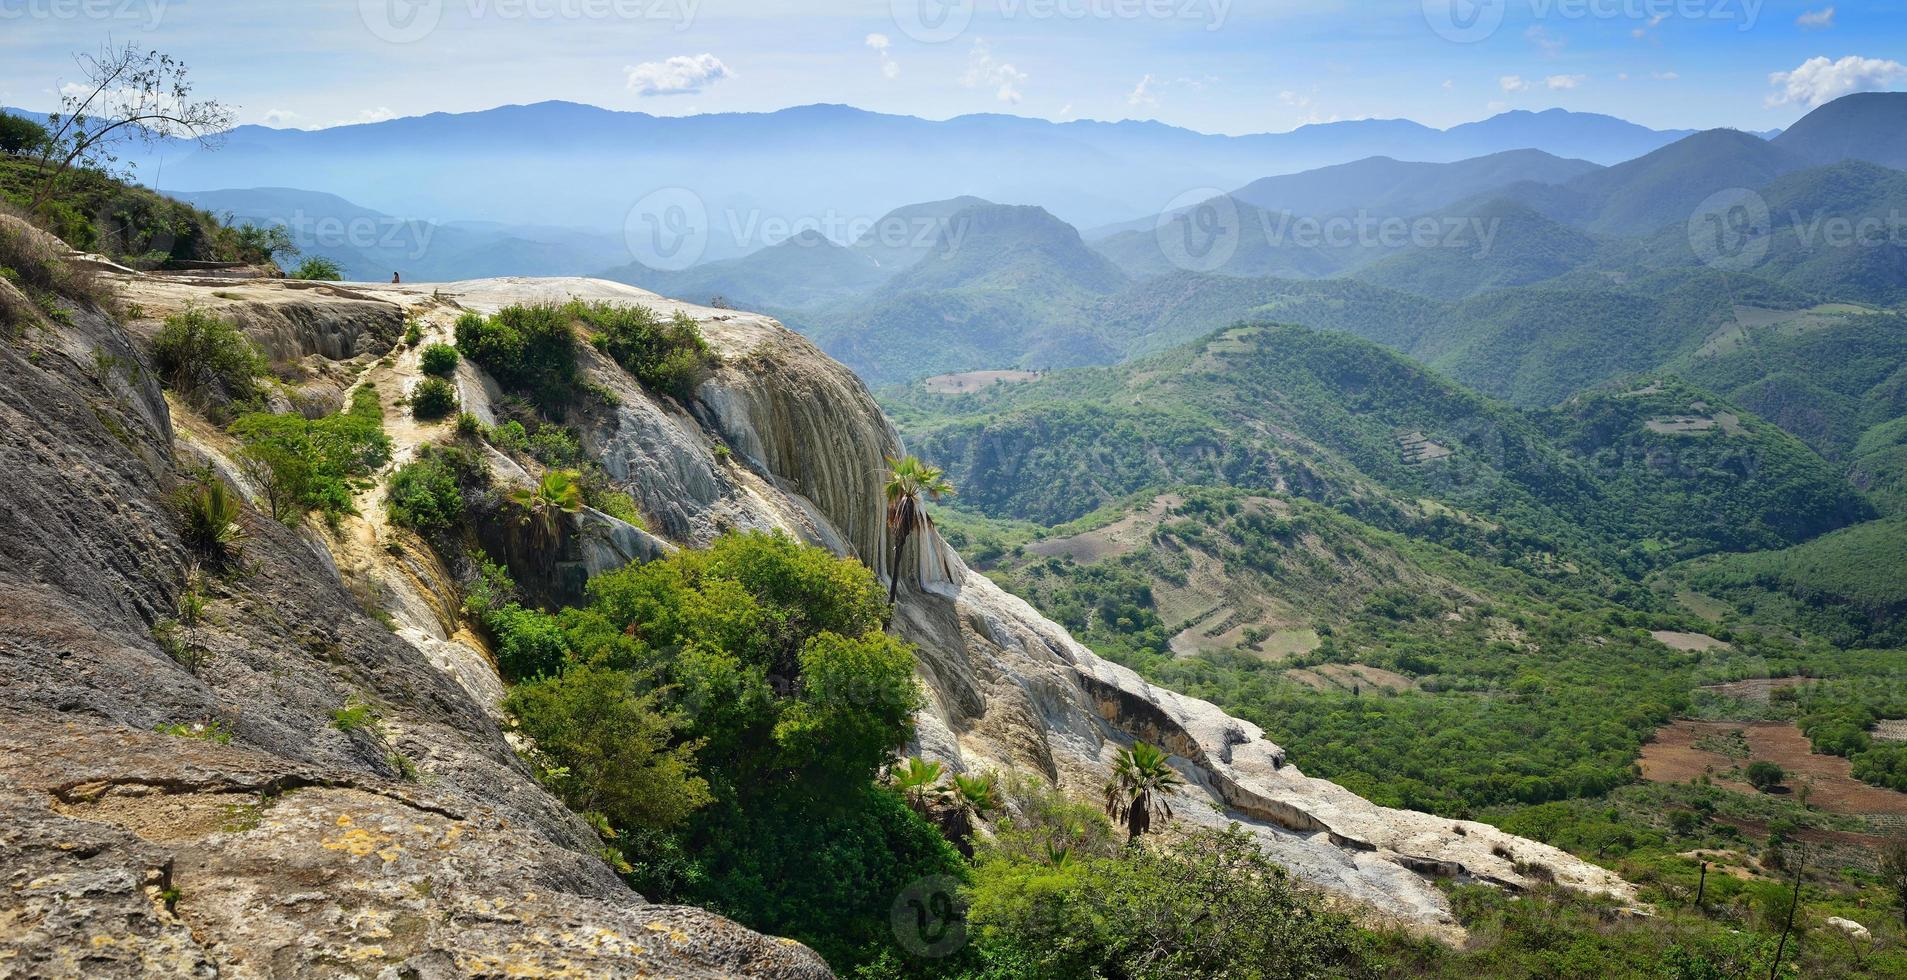 vista panoramica sulle montagne dalle sorgenti calde di hierve el agua foto